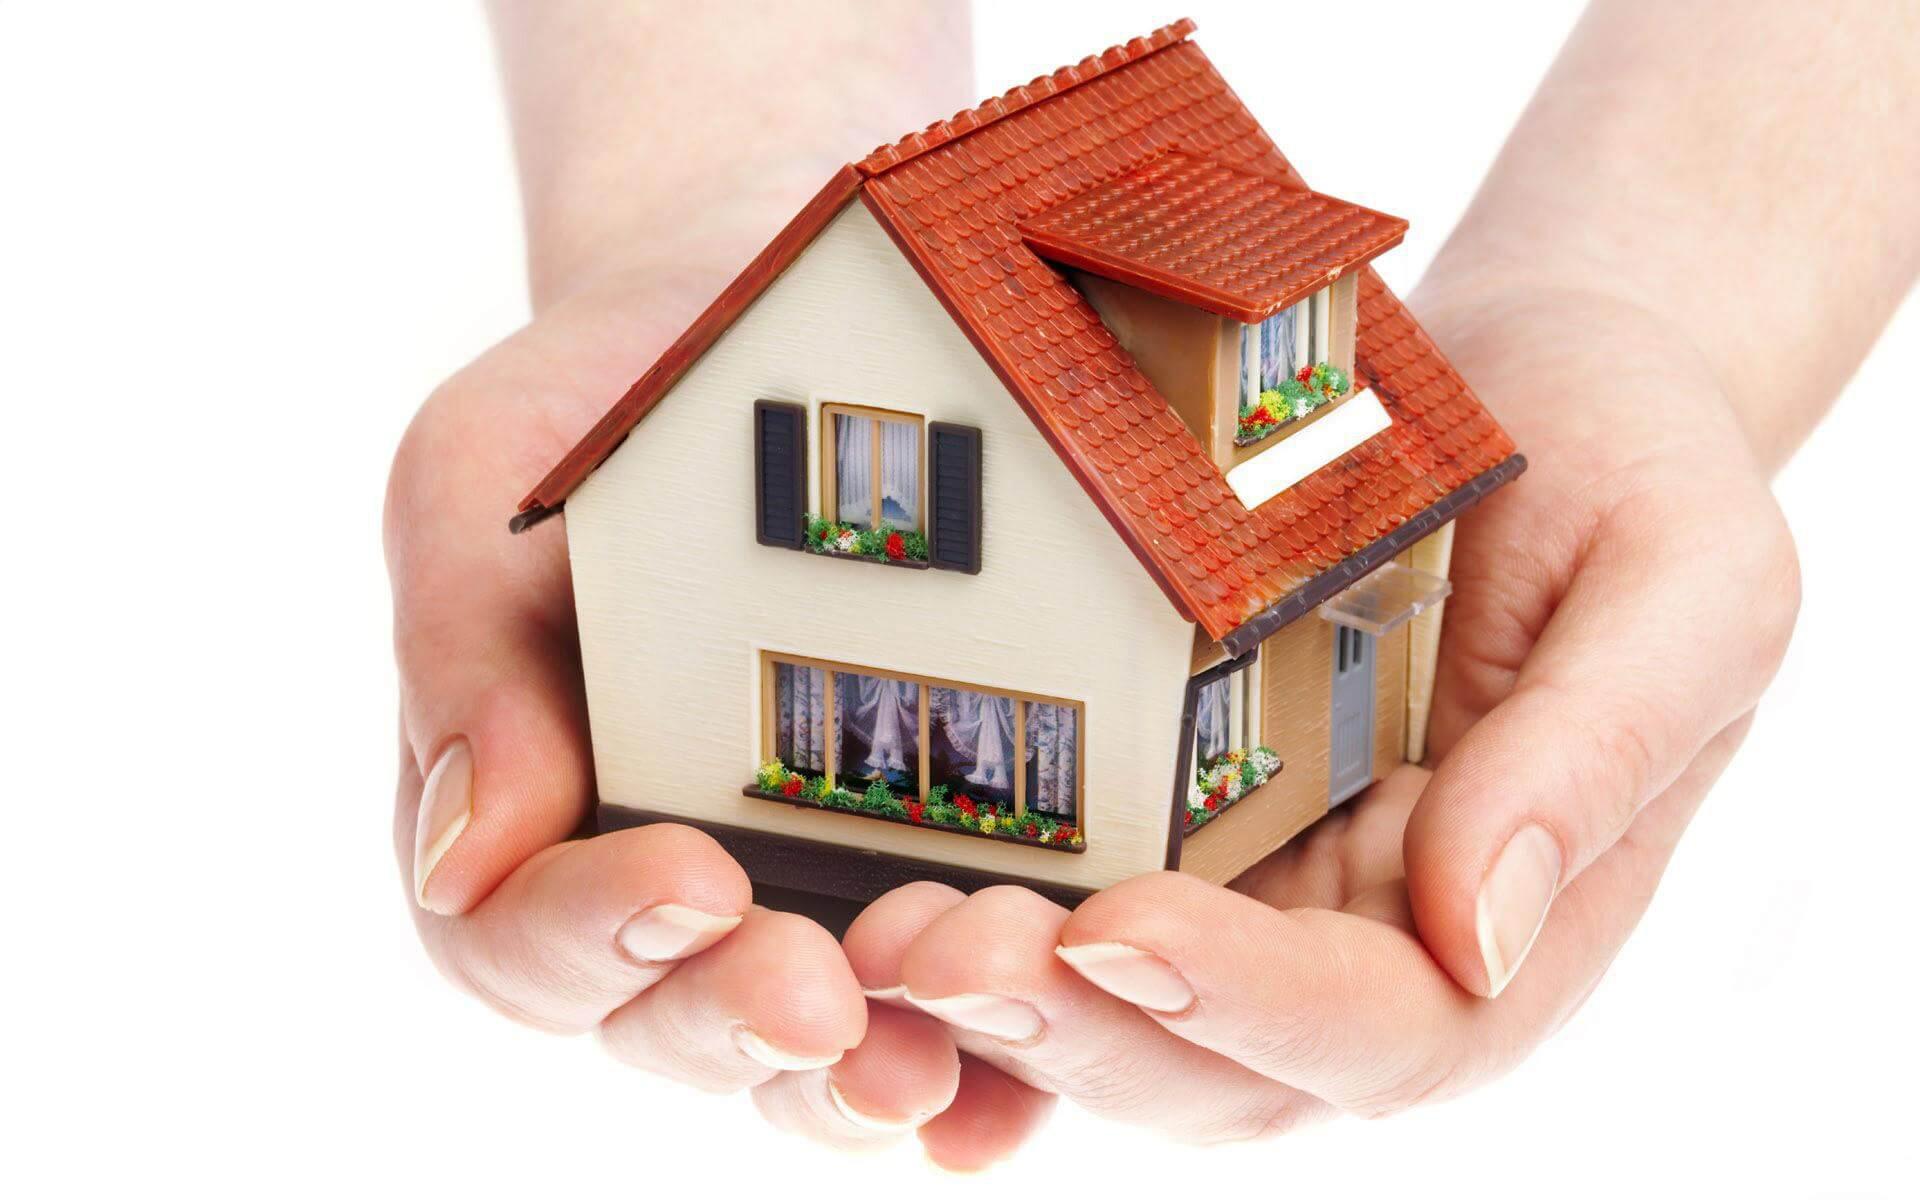 نرخ اجاره مسکن در اولین ماه تابستان و اجارهبها در محله ۲ رئیس جمهور